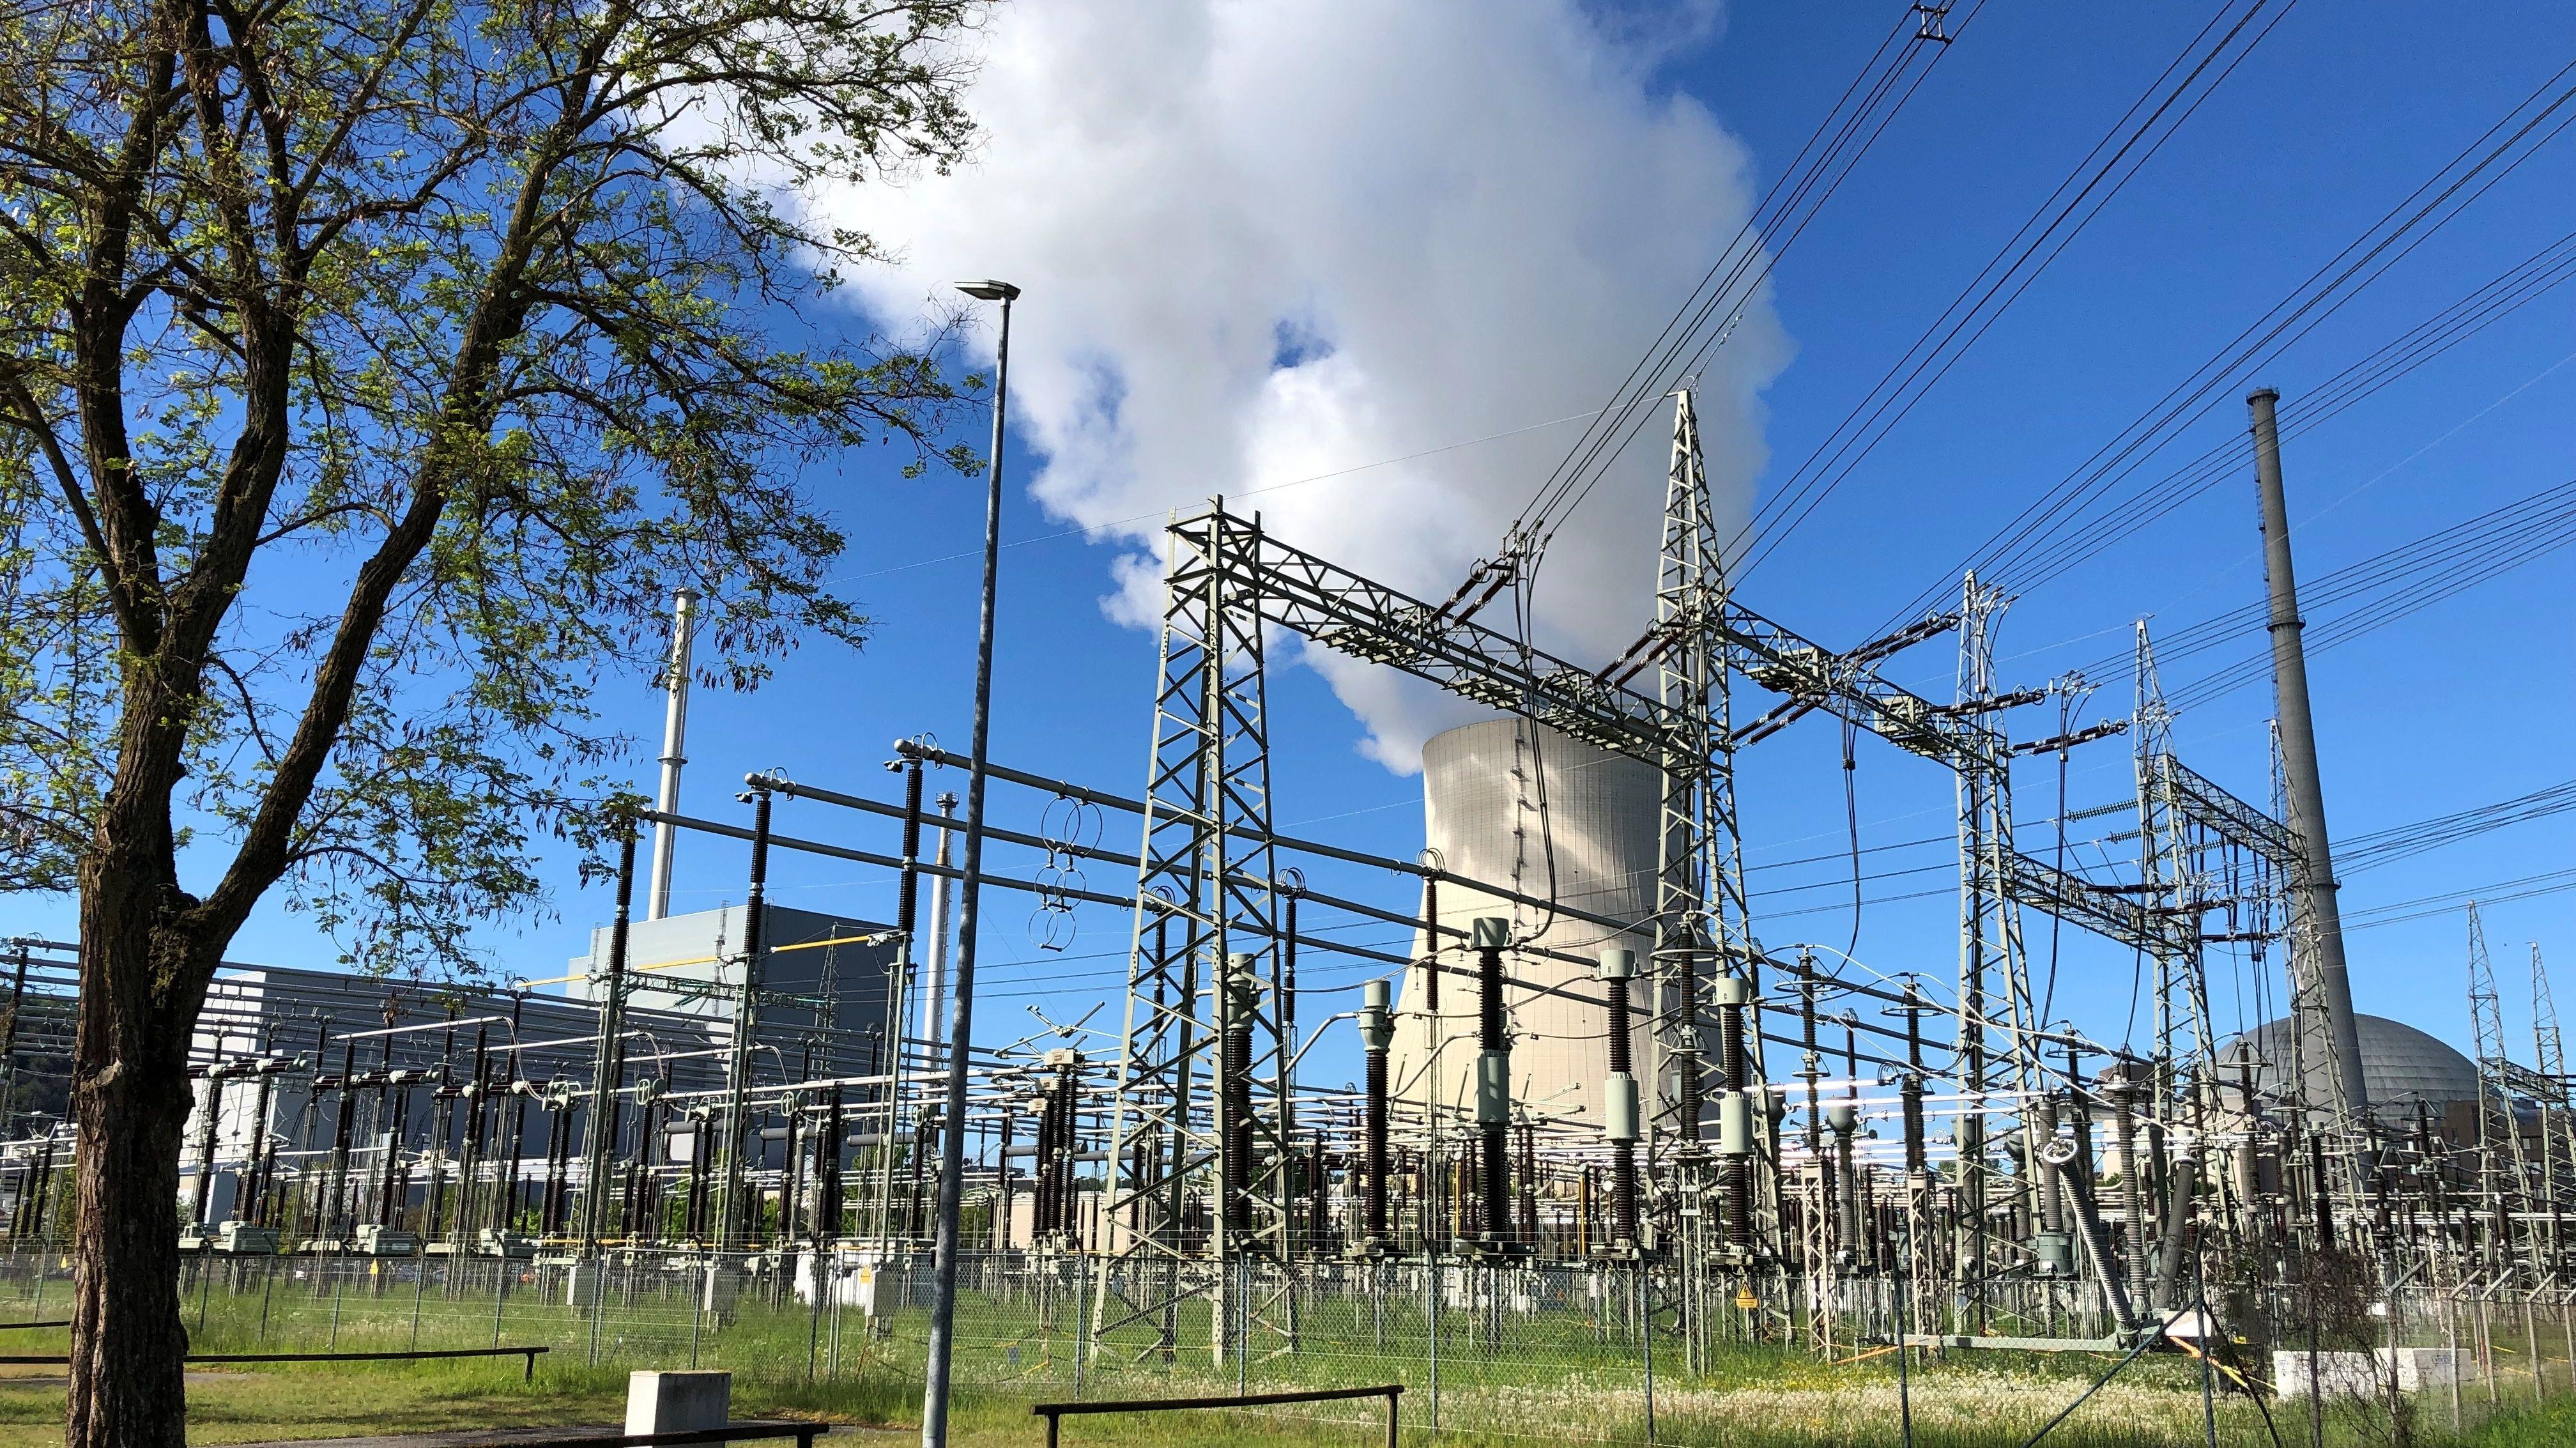 Das Ende des Atomkraft-Zeitalters rückt immer näher, jetzt steht fest: Die Abschaltung von Isar 2 wird vorbereitet.